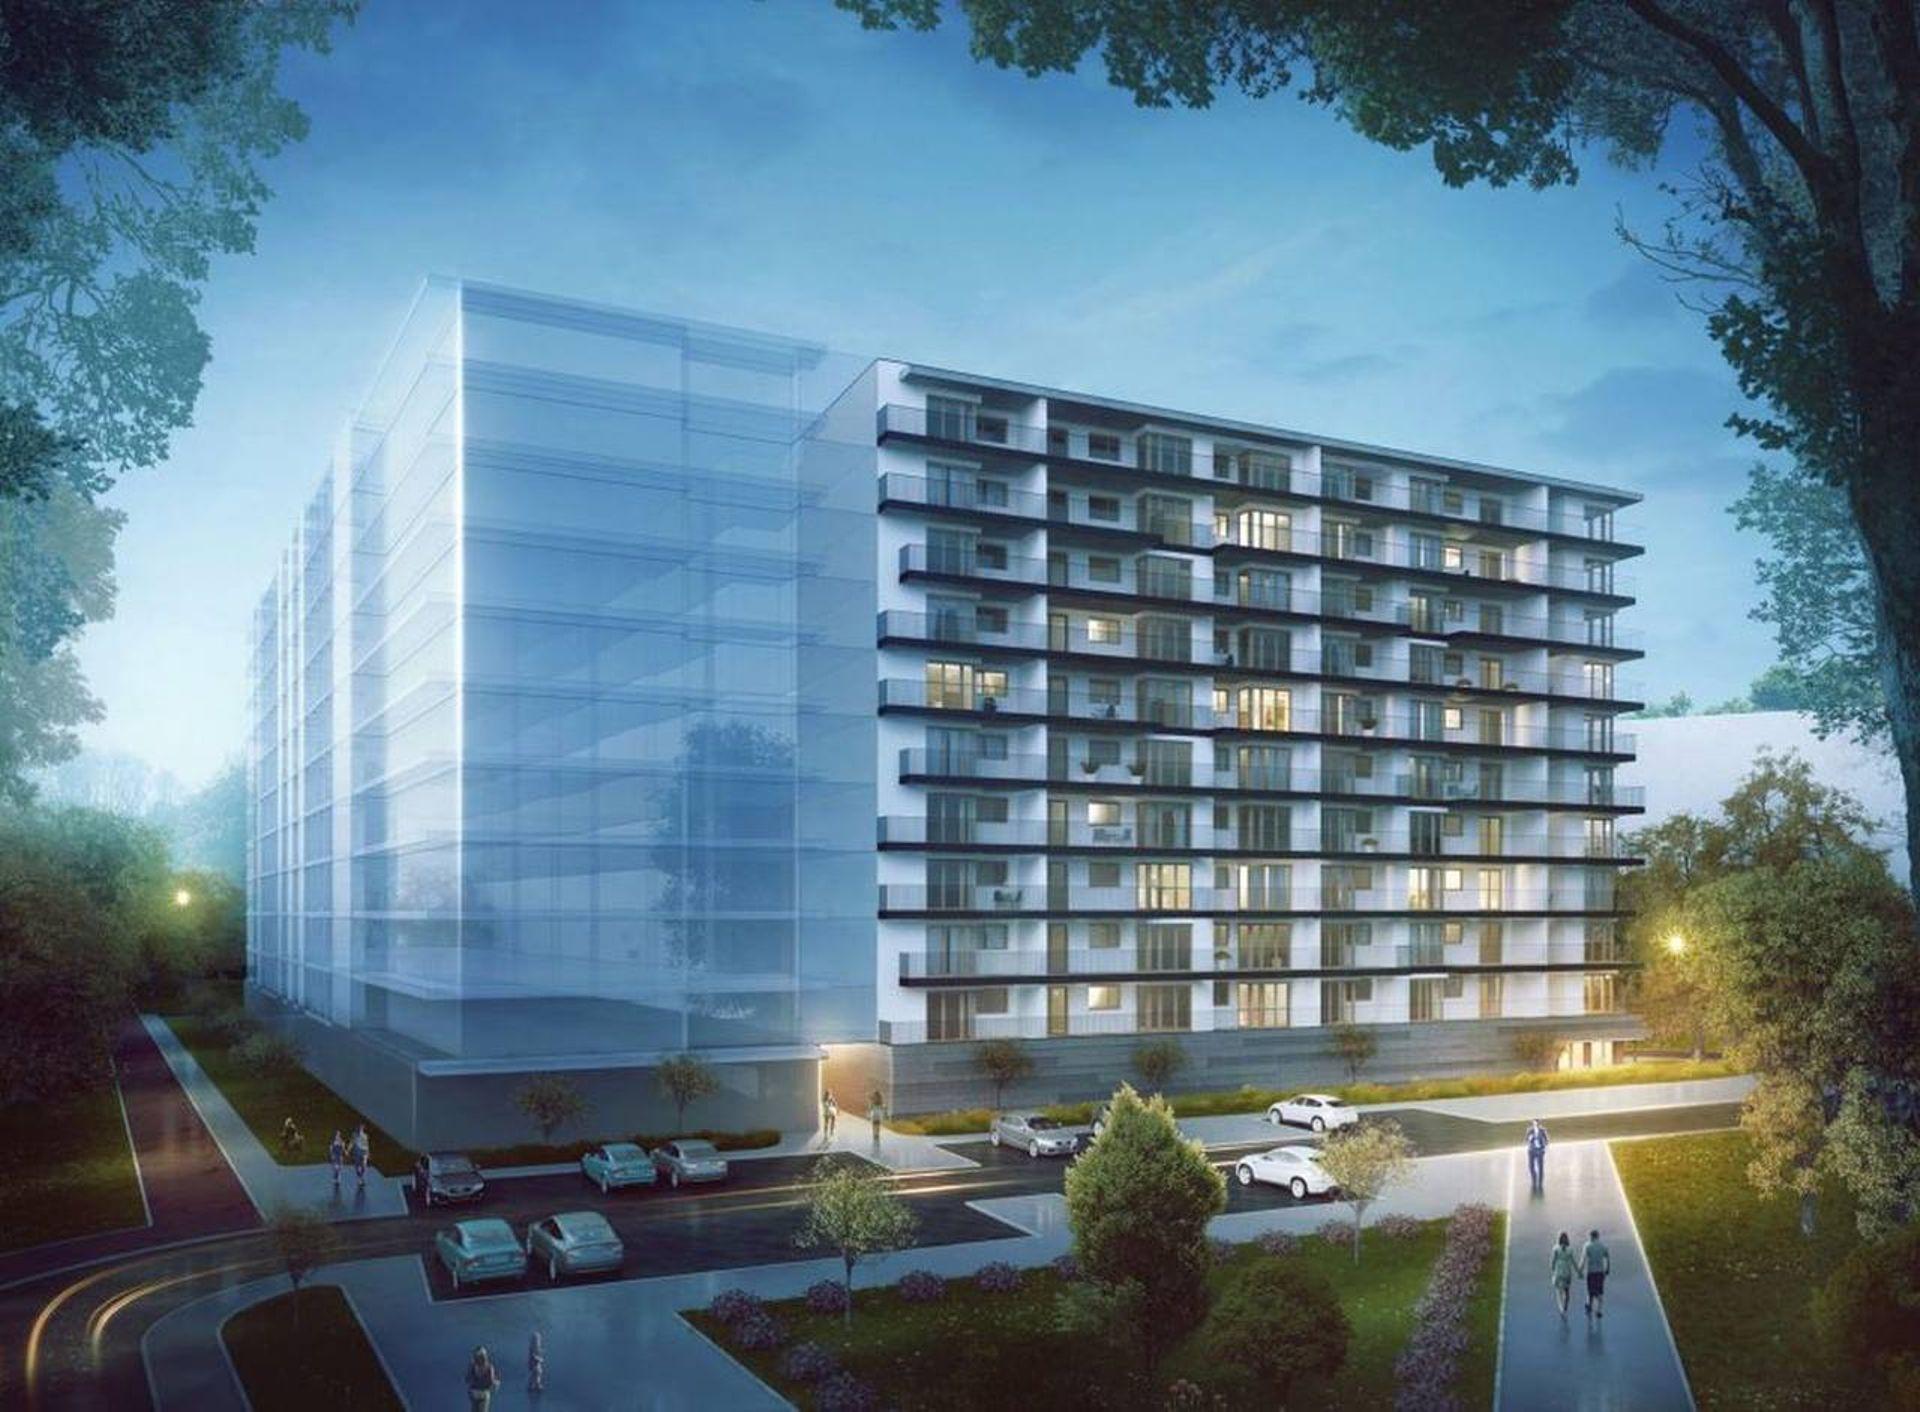 Kraków: Śliczna 36i6 – Merari ruszył z budową apartamentów na Prądniku Czerwonym